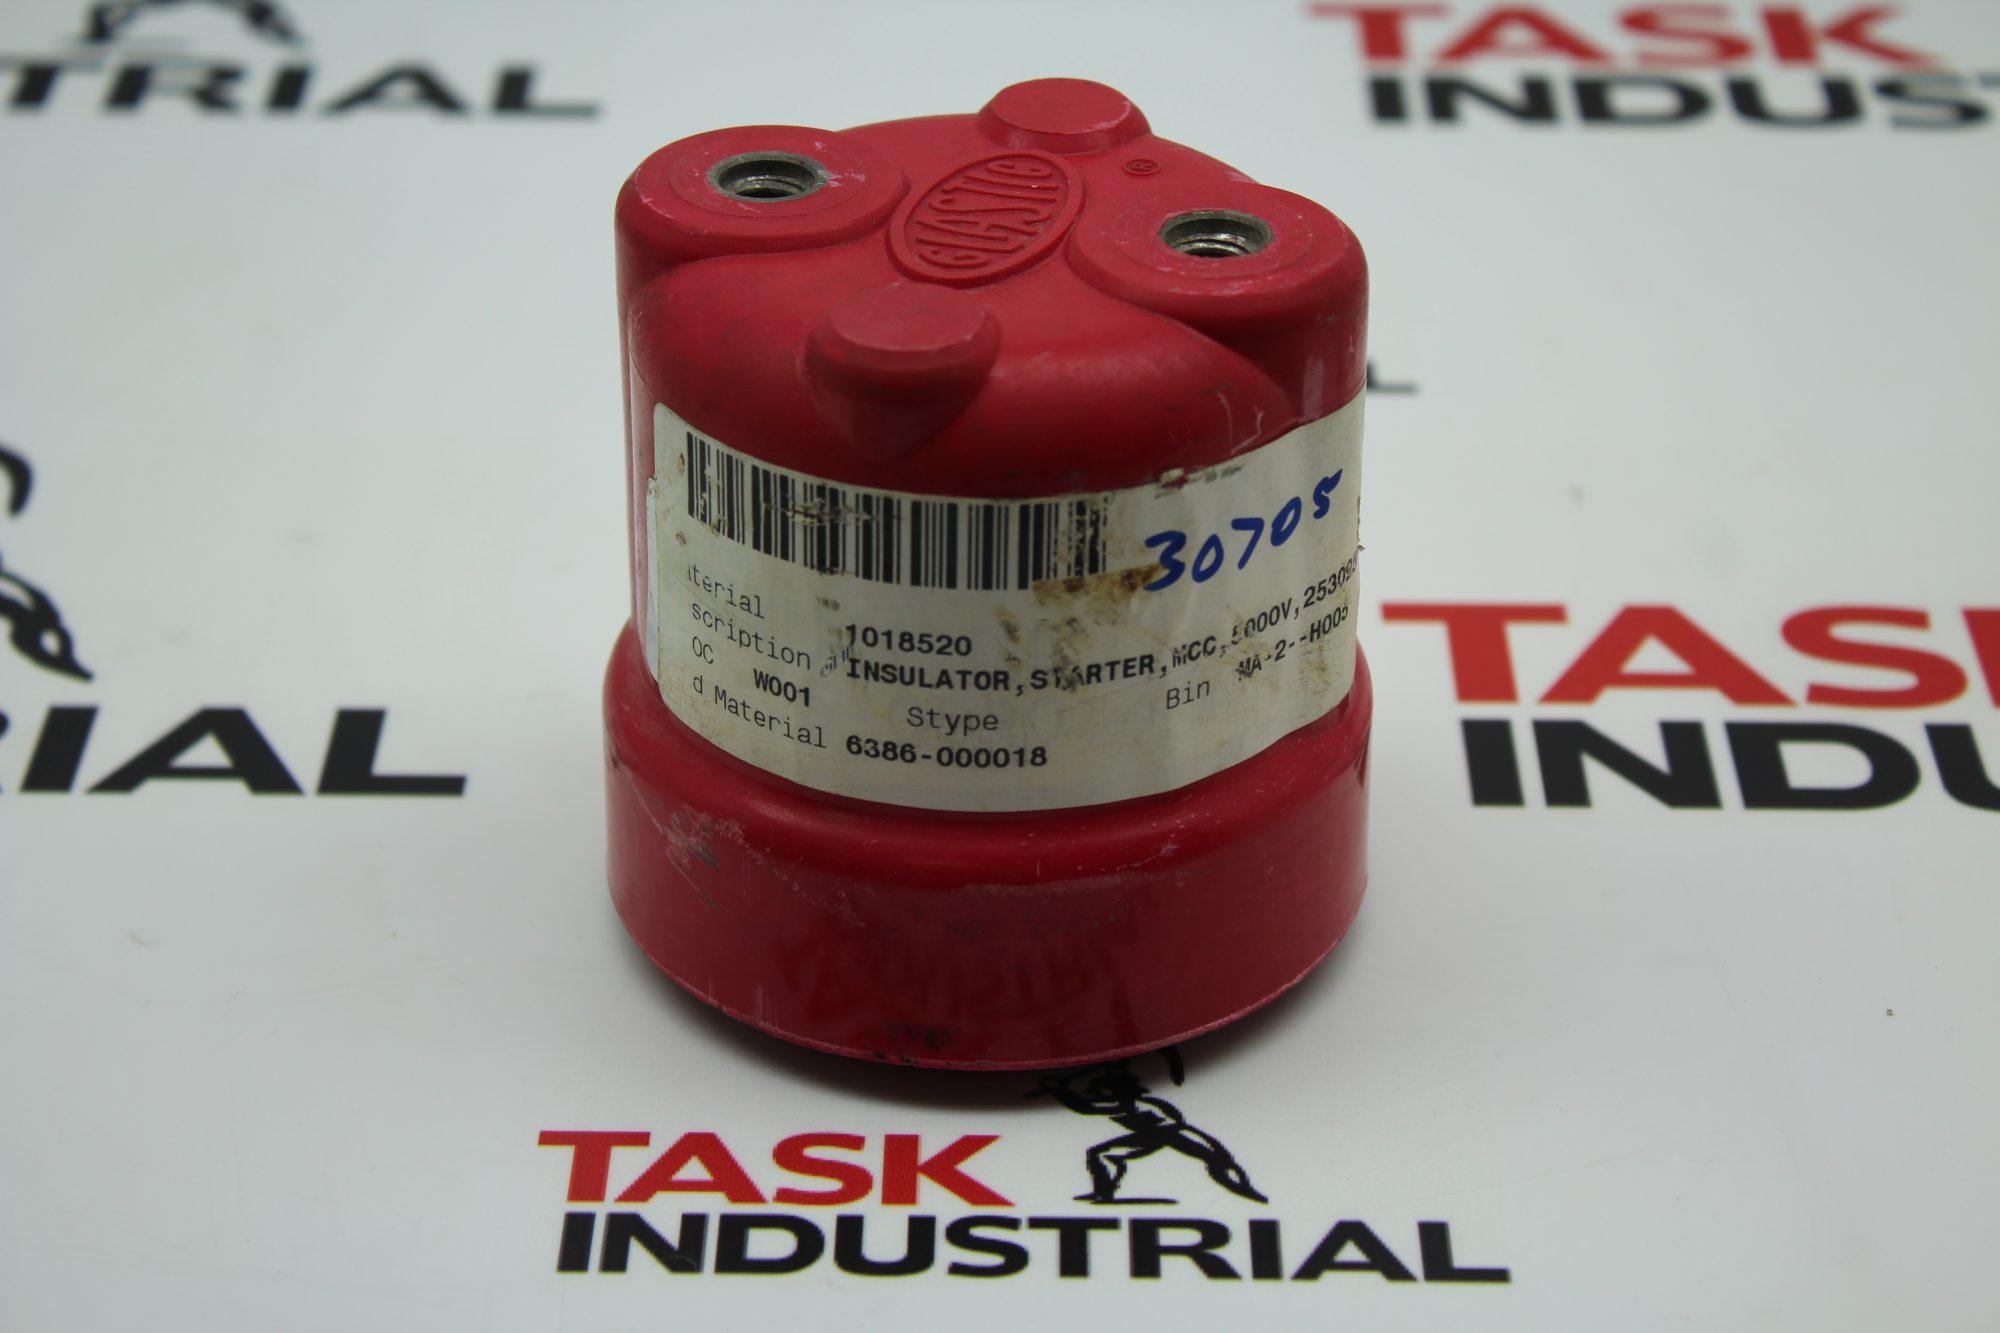 Glastic Insulator, Starter 6386-000018